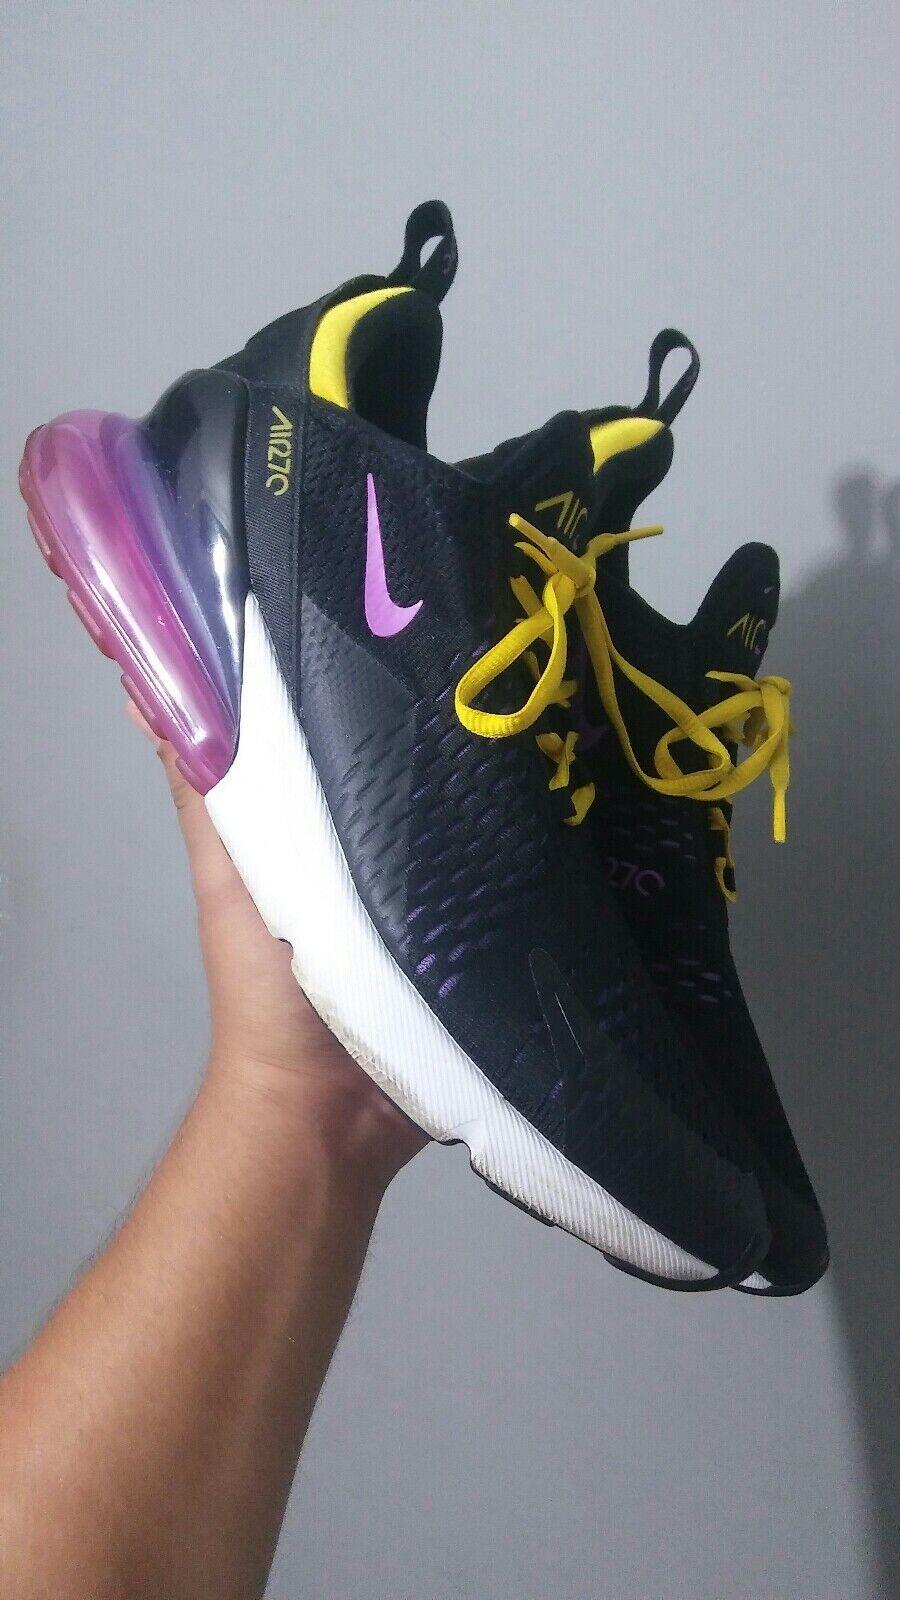 Nike Air Max 270 Hyper Grape Size 11.5